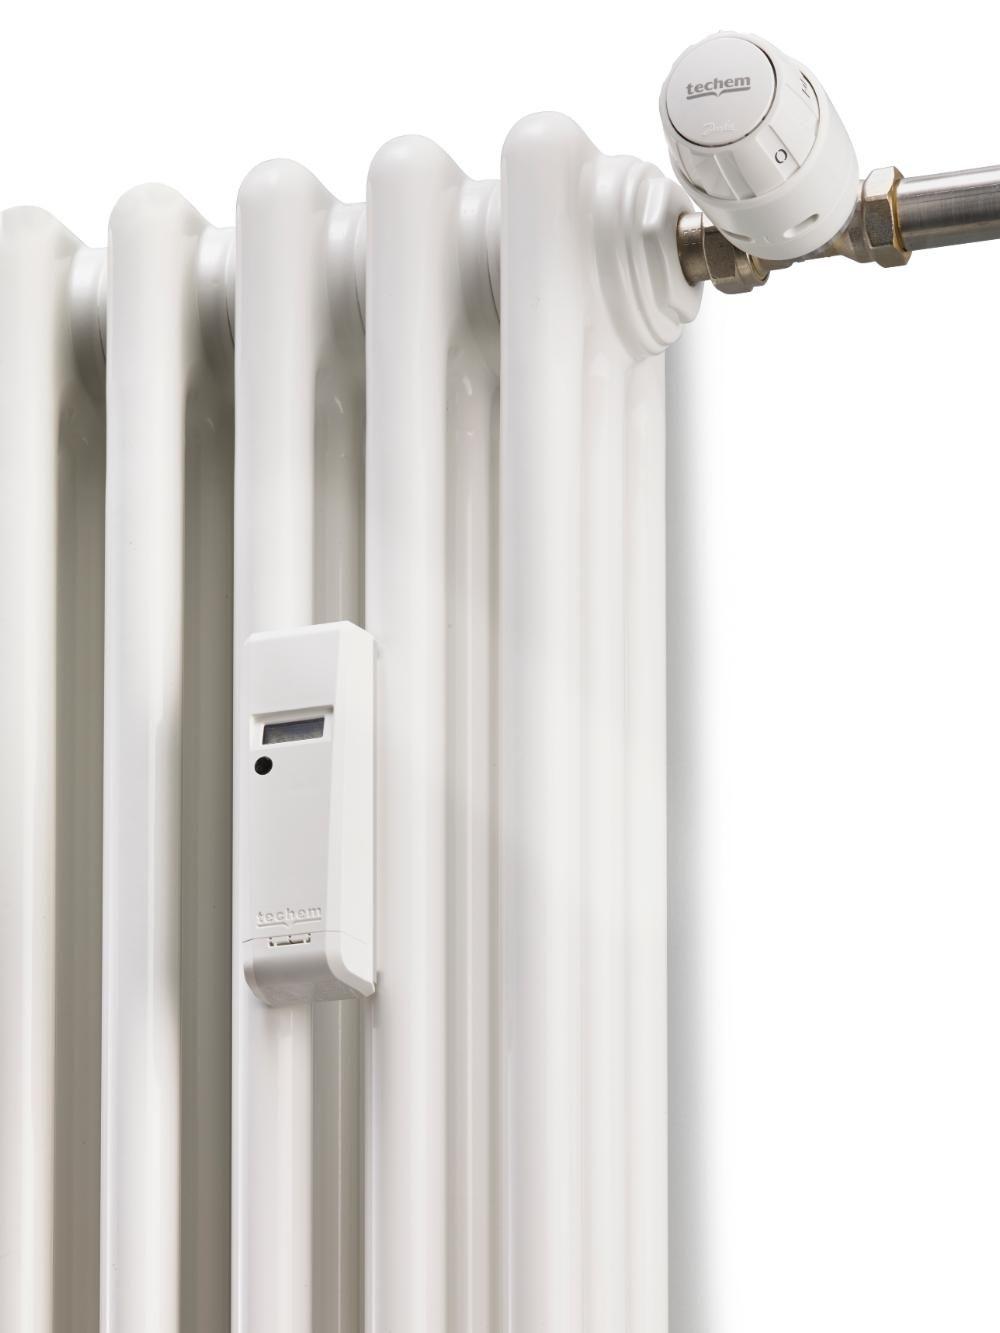 Foto de Repartidor de costes de calefaccion